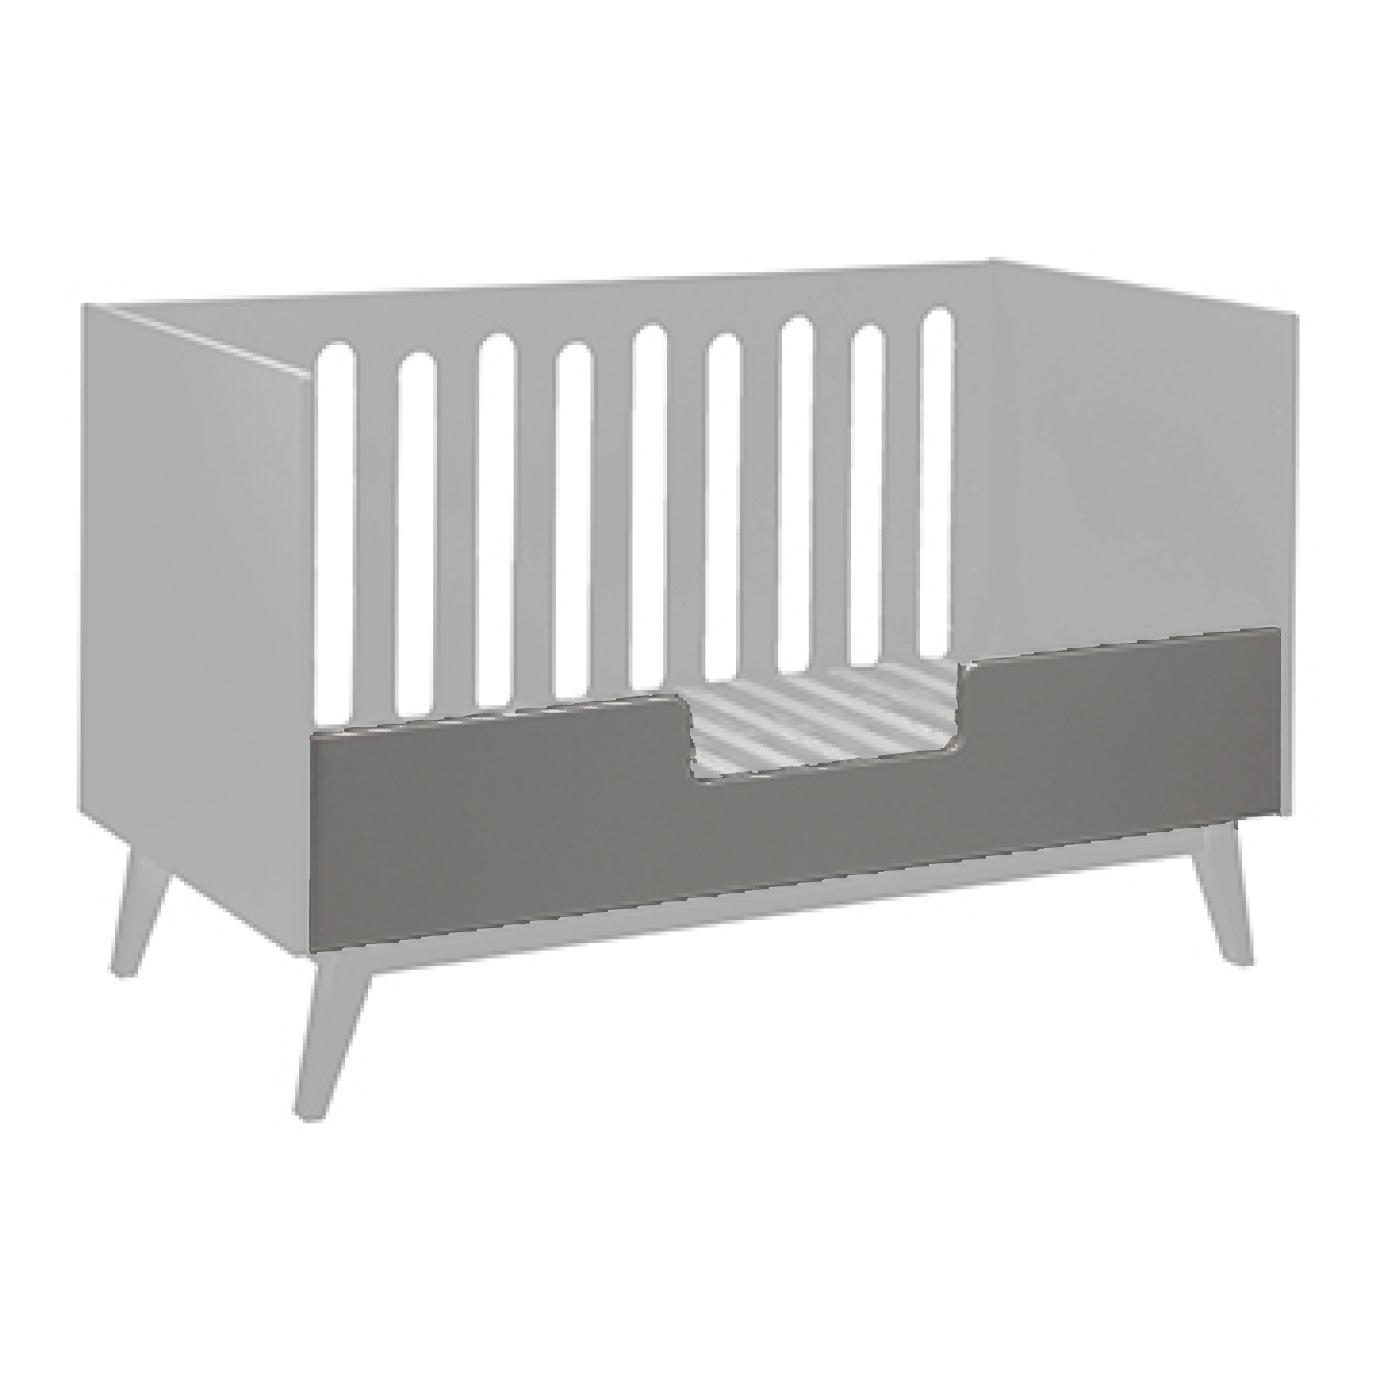 Full Size of Rausfallschutz Selbst Gemacht Quatrendy Fr Kinderbett 70x140 Cm Bett Küche Zusammenstellen Wohnzimmer Rausfallschutz Selbst Gemacht